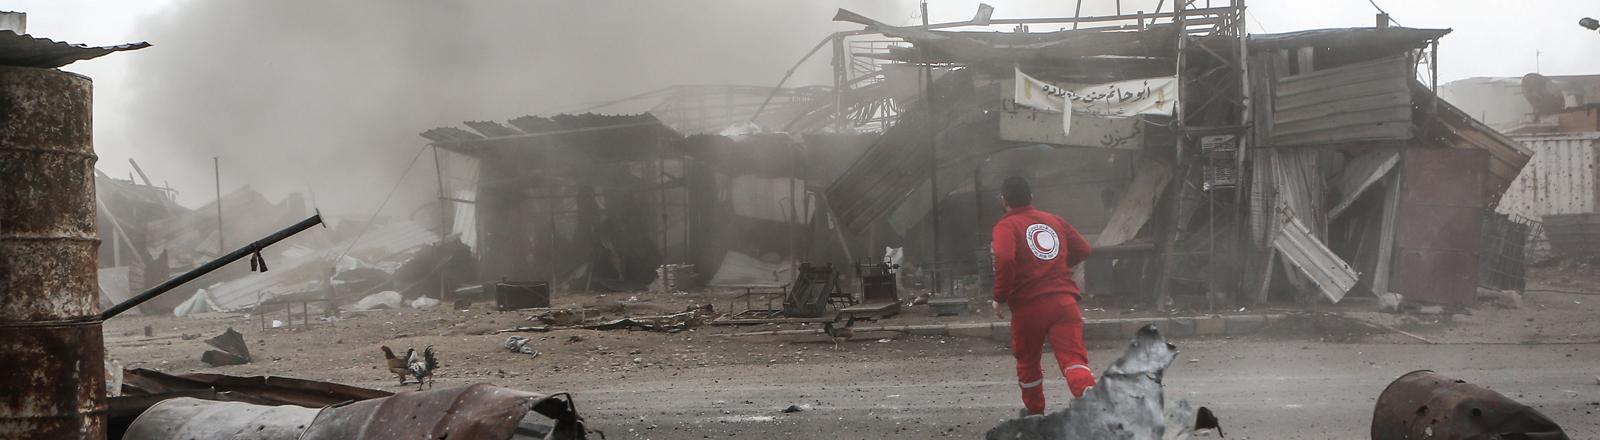 20.02.2018, Syrien, Duma: Ein Mitarbeiter der Organisation Syrischer Roter Halbmond geht durch ein Viertel der Stadt im syrischen Rebellengebiet Ost-Ghuta nahe Damaskus, das von Angriffen der syrischen Luftwaffe getroffen wurde.